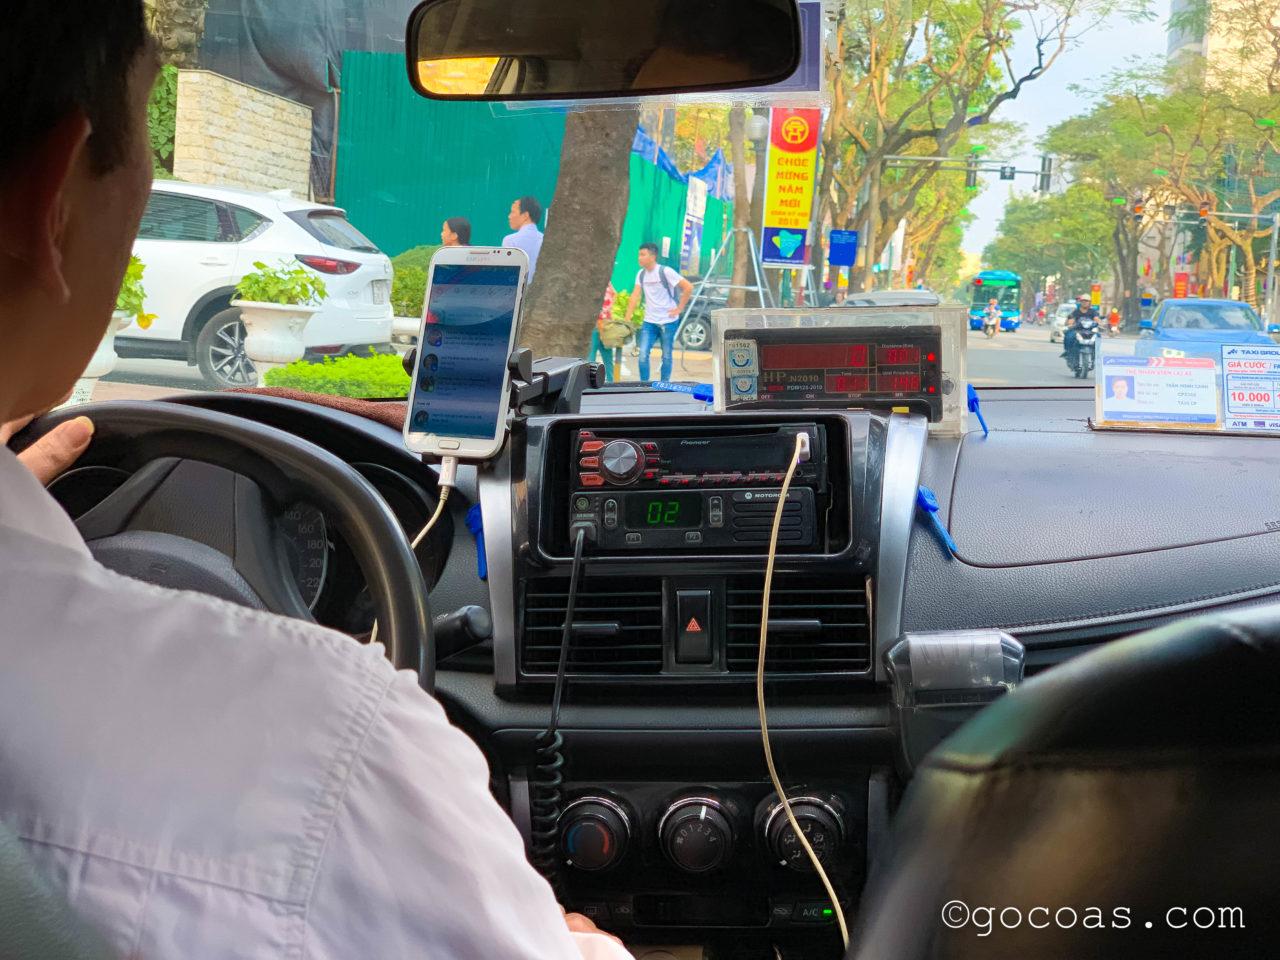 ハノイ市内からタクシー